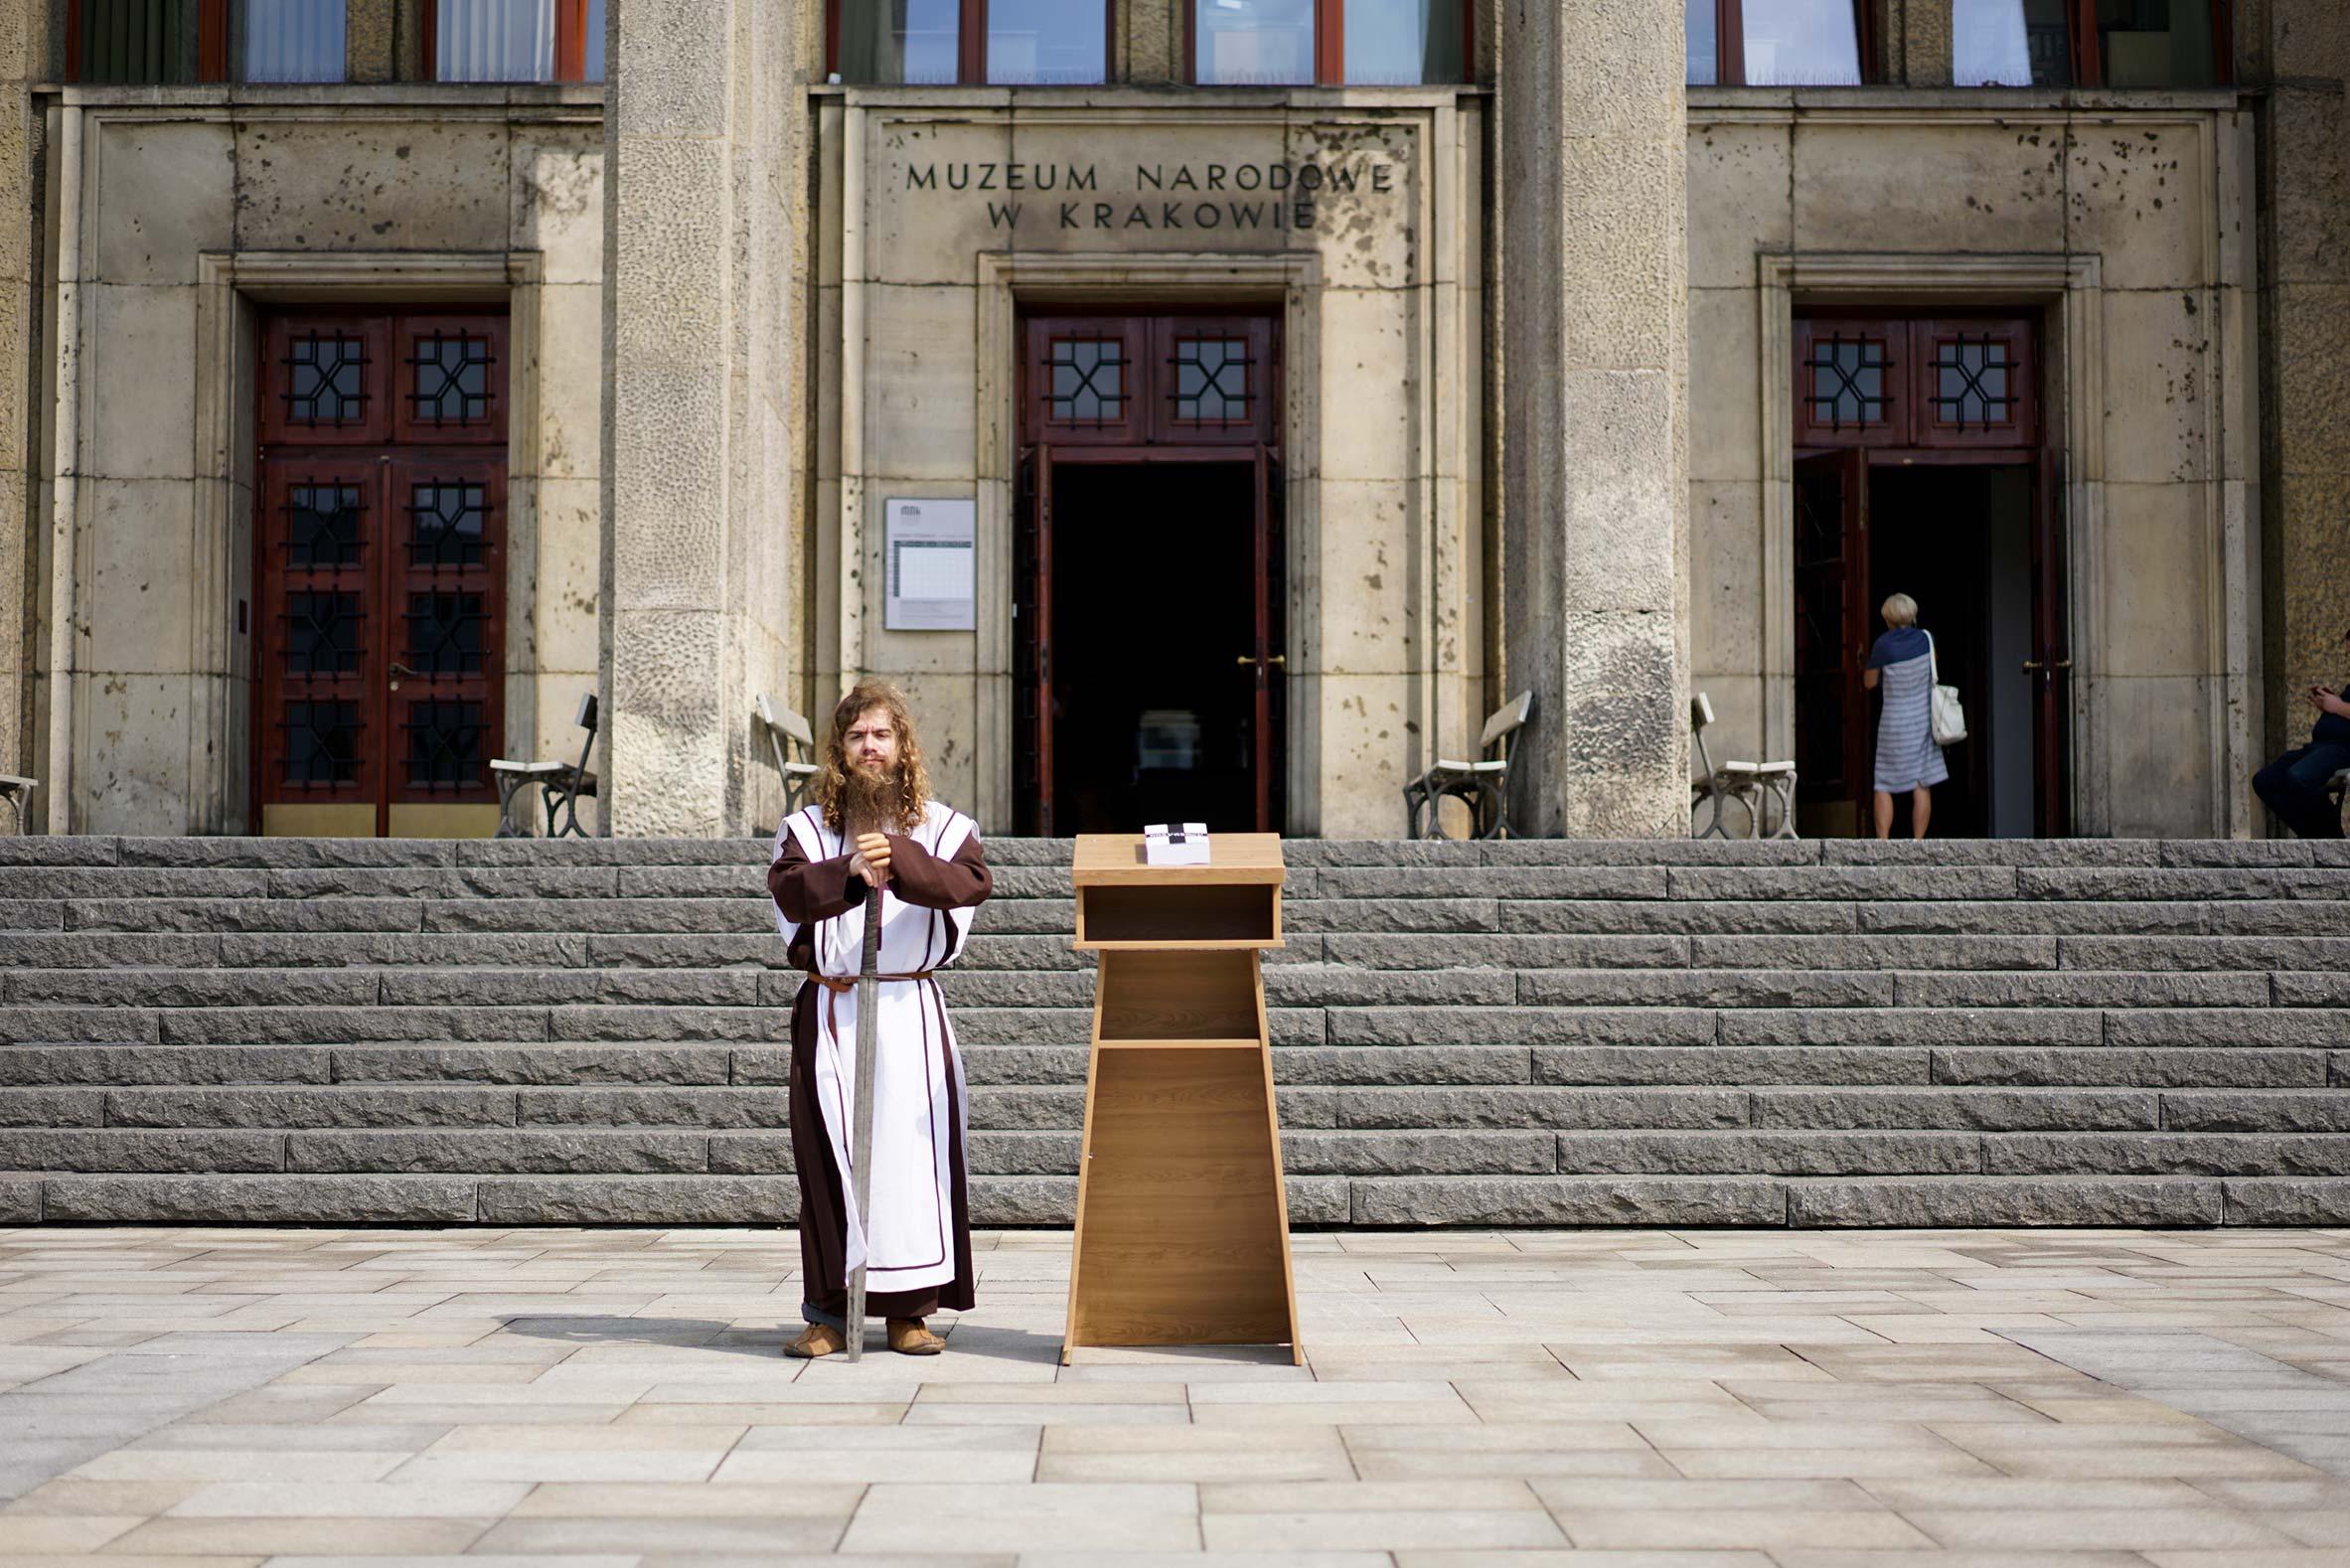 Prezentacja książki przed Muzeum Narodowym w Krakowie